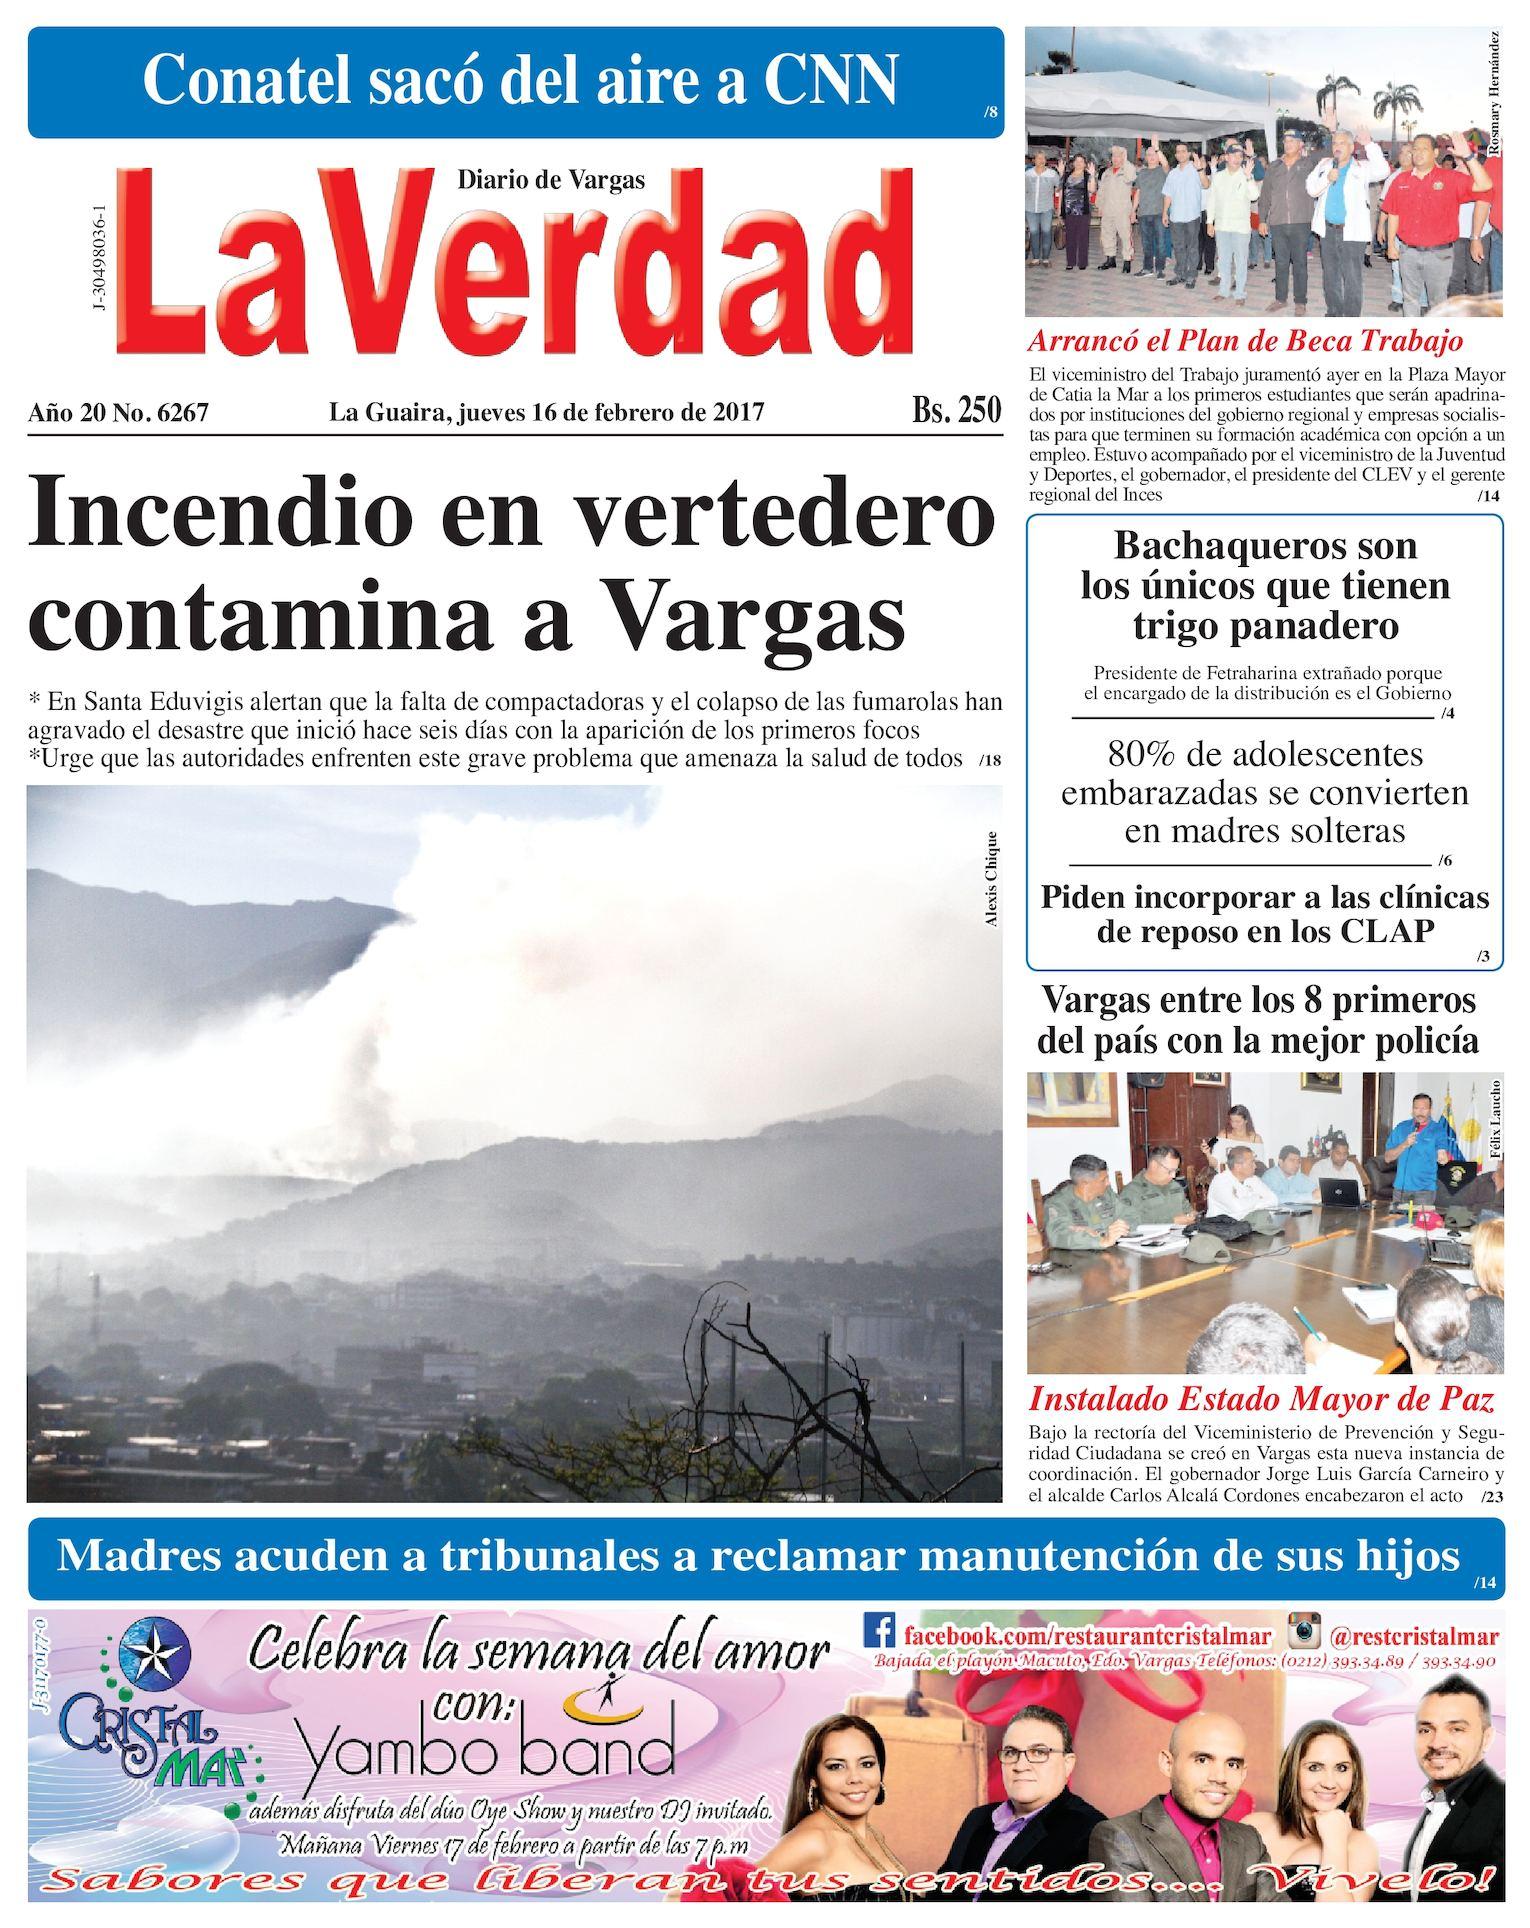 Calaméo - La Guaira, jueves 16 de febrero de 2017 Año 20 No. 6267